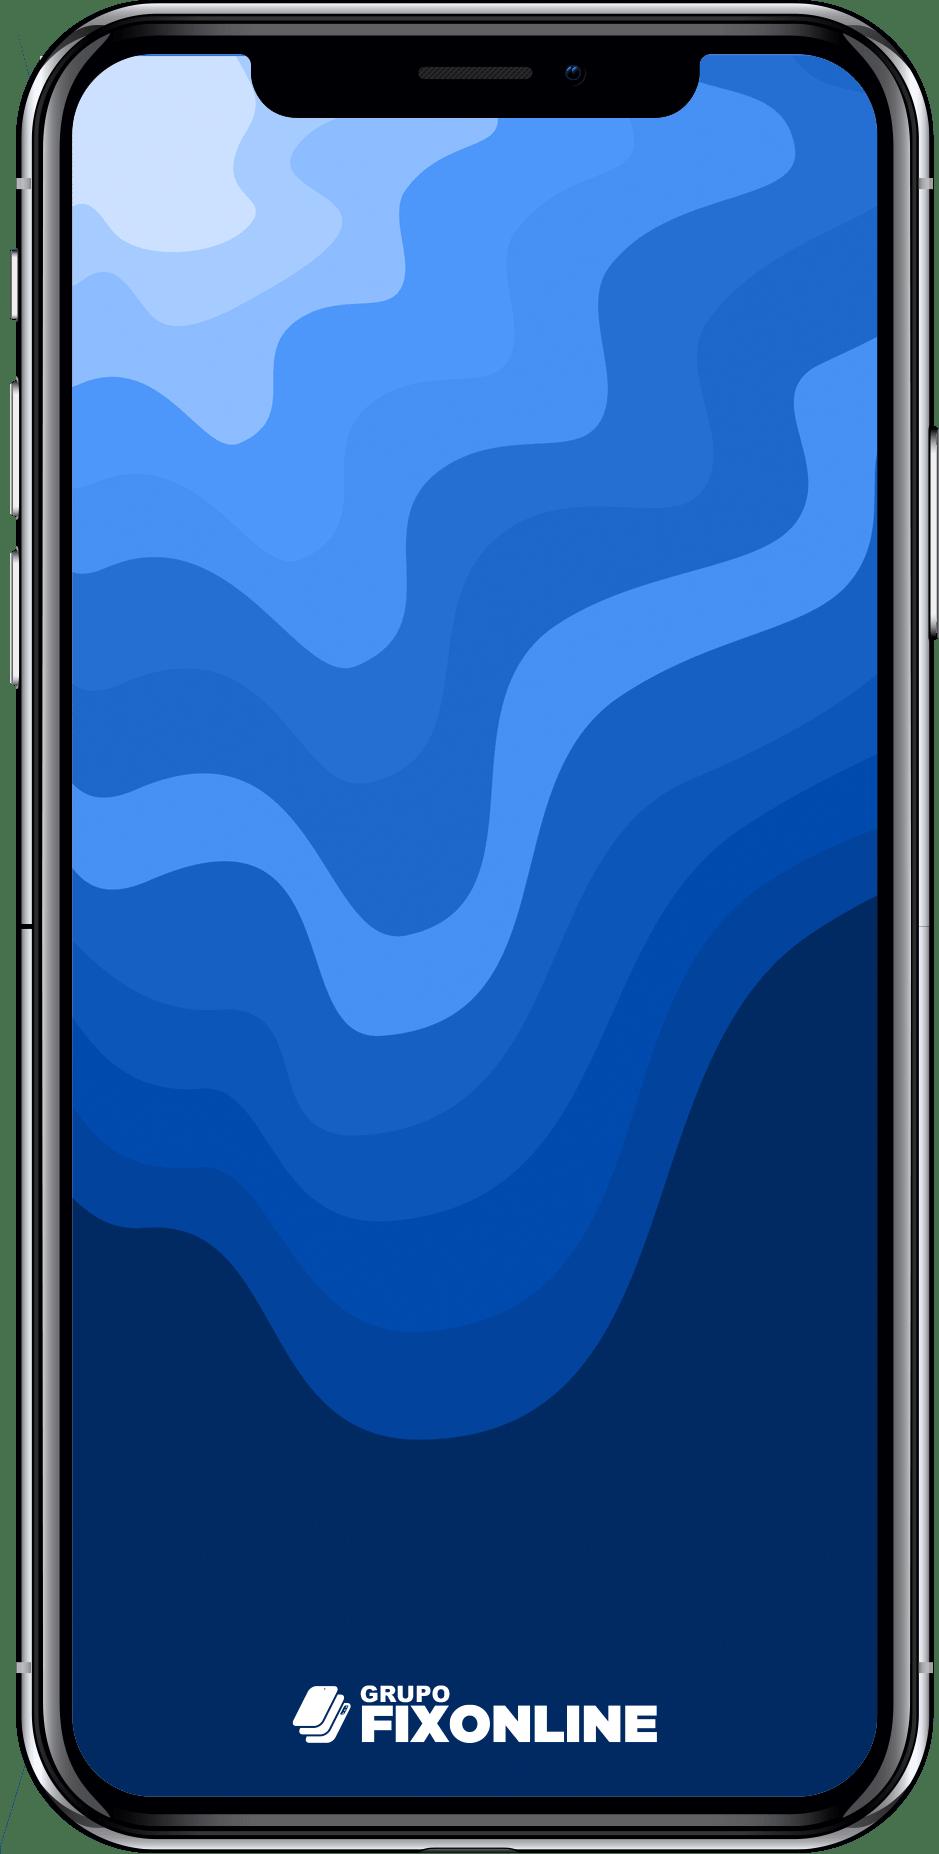 Troca de Vidro Iphone 11 A FixOnline é especialista em TROCA DE VIDRO. Mas, você sabe diferenciar a TROCA DE VIDRO da TROCA DE TELA? A Fix te explica! :) A troca de vidro do Iphone 11 consiste em removermos apenas a camada de vidro que fica acima do LCD. O LCD é o responsável por fornecer a imagem, cores e toque (touch). Portanto, o vidro tem função apenas estética e de proteção do LCD. Sendo assim, para que possamos trocar apenas o vidro, é importante que a tela esteja totalmente operacional, acendendo, com touch respondendo e sem manchas. Exceções: Pequenas manchas que não interferem na utilização permitem que o processo seja realizado.  Já os casos de TROCA DE TELA DO IPHONE 7 ocorrem quando o LCD (imagem ou touch) foram afetados, causando grandes manchas ou impossibilidade de funcionamento do toque.  Agora que você já sabe a diferença entre TROCA DE VIDRO DO IPHONE 11 e TROCA DE TELA, confira os benefícios de realizar o serviço com a FixOnline.